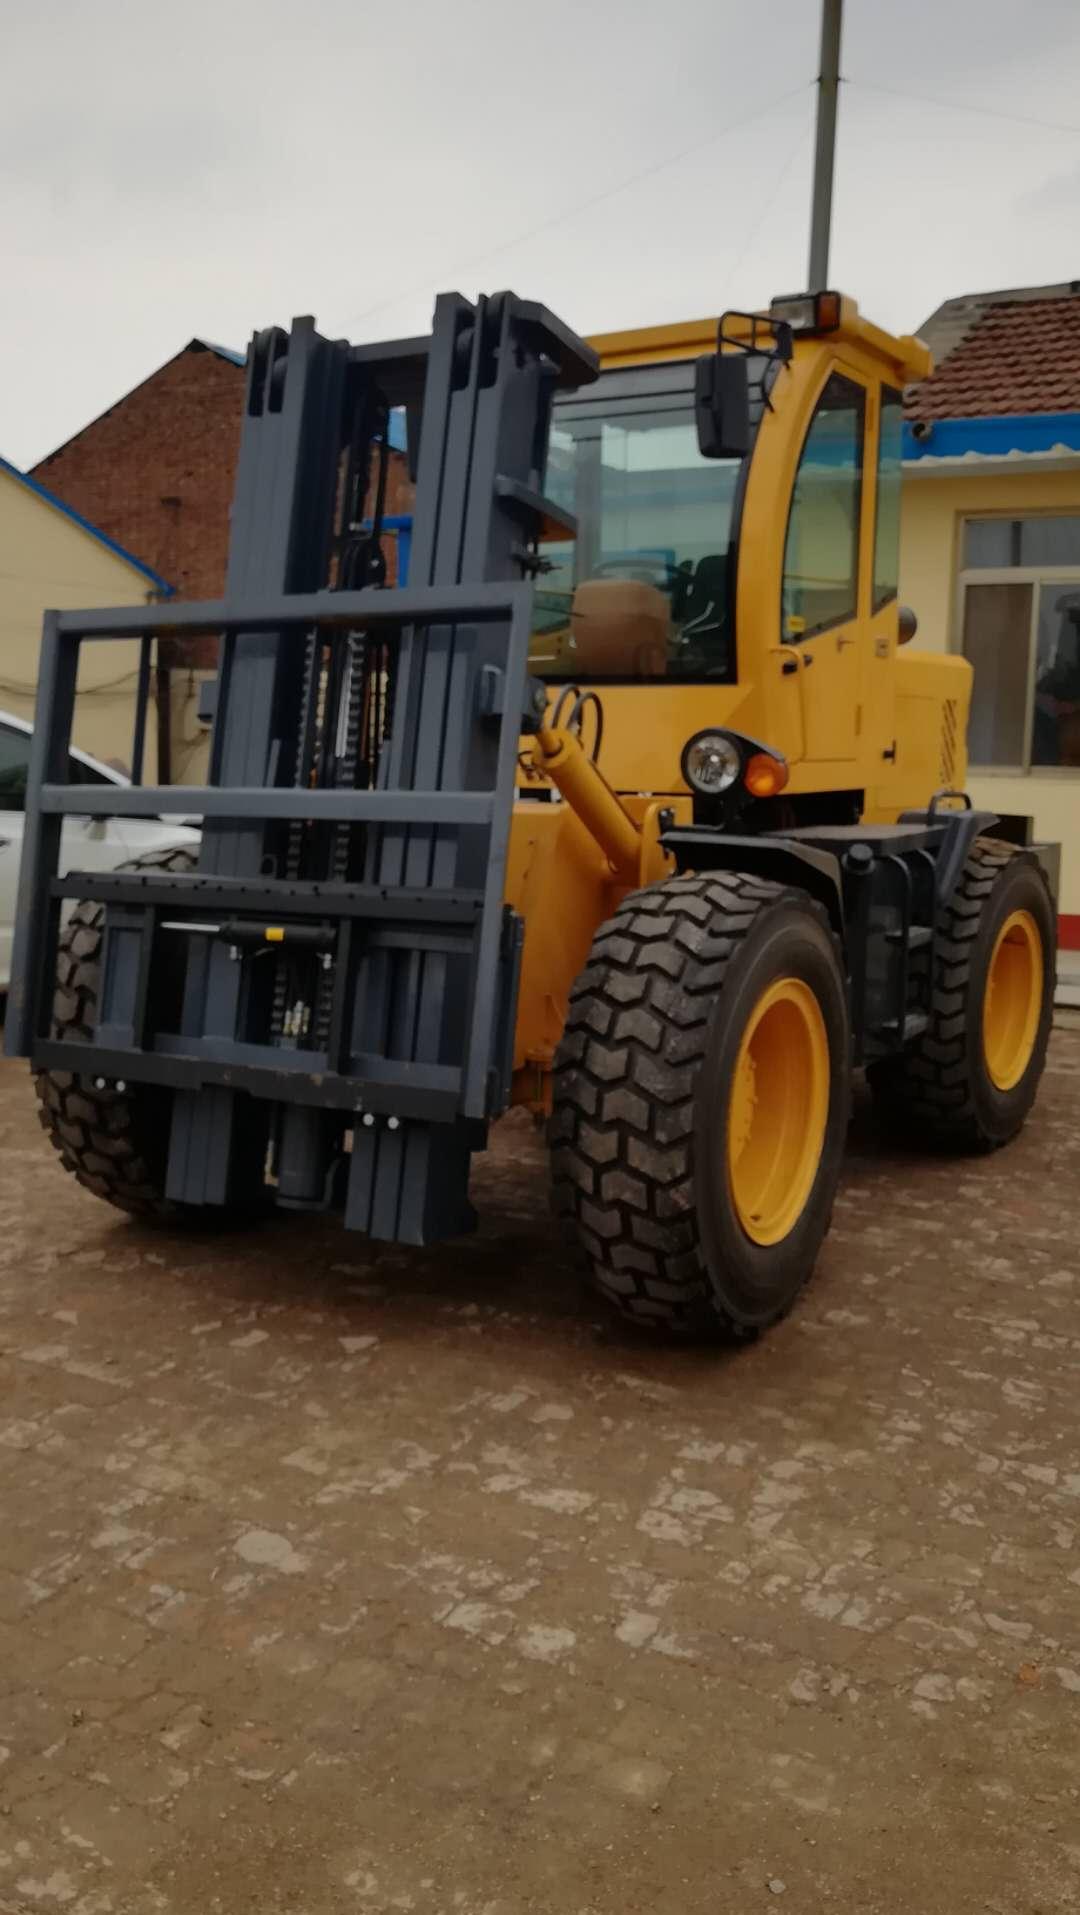 四驱高性能越野叉车生产厂家泥泞路上使用叉车三级门架升高5米的五吨越野叉车